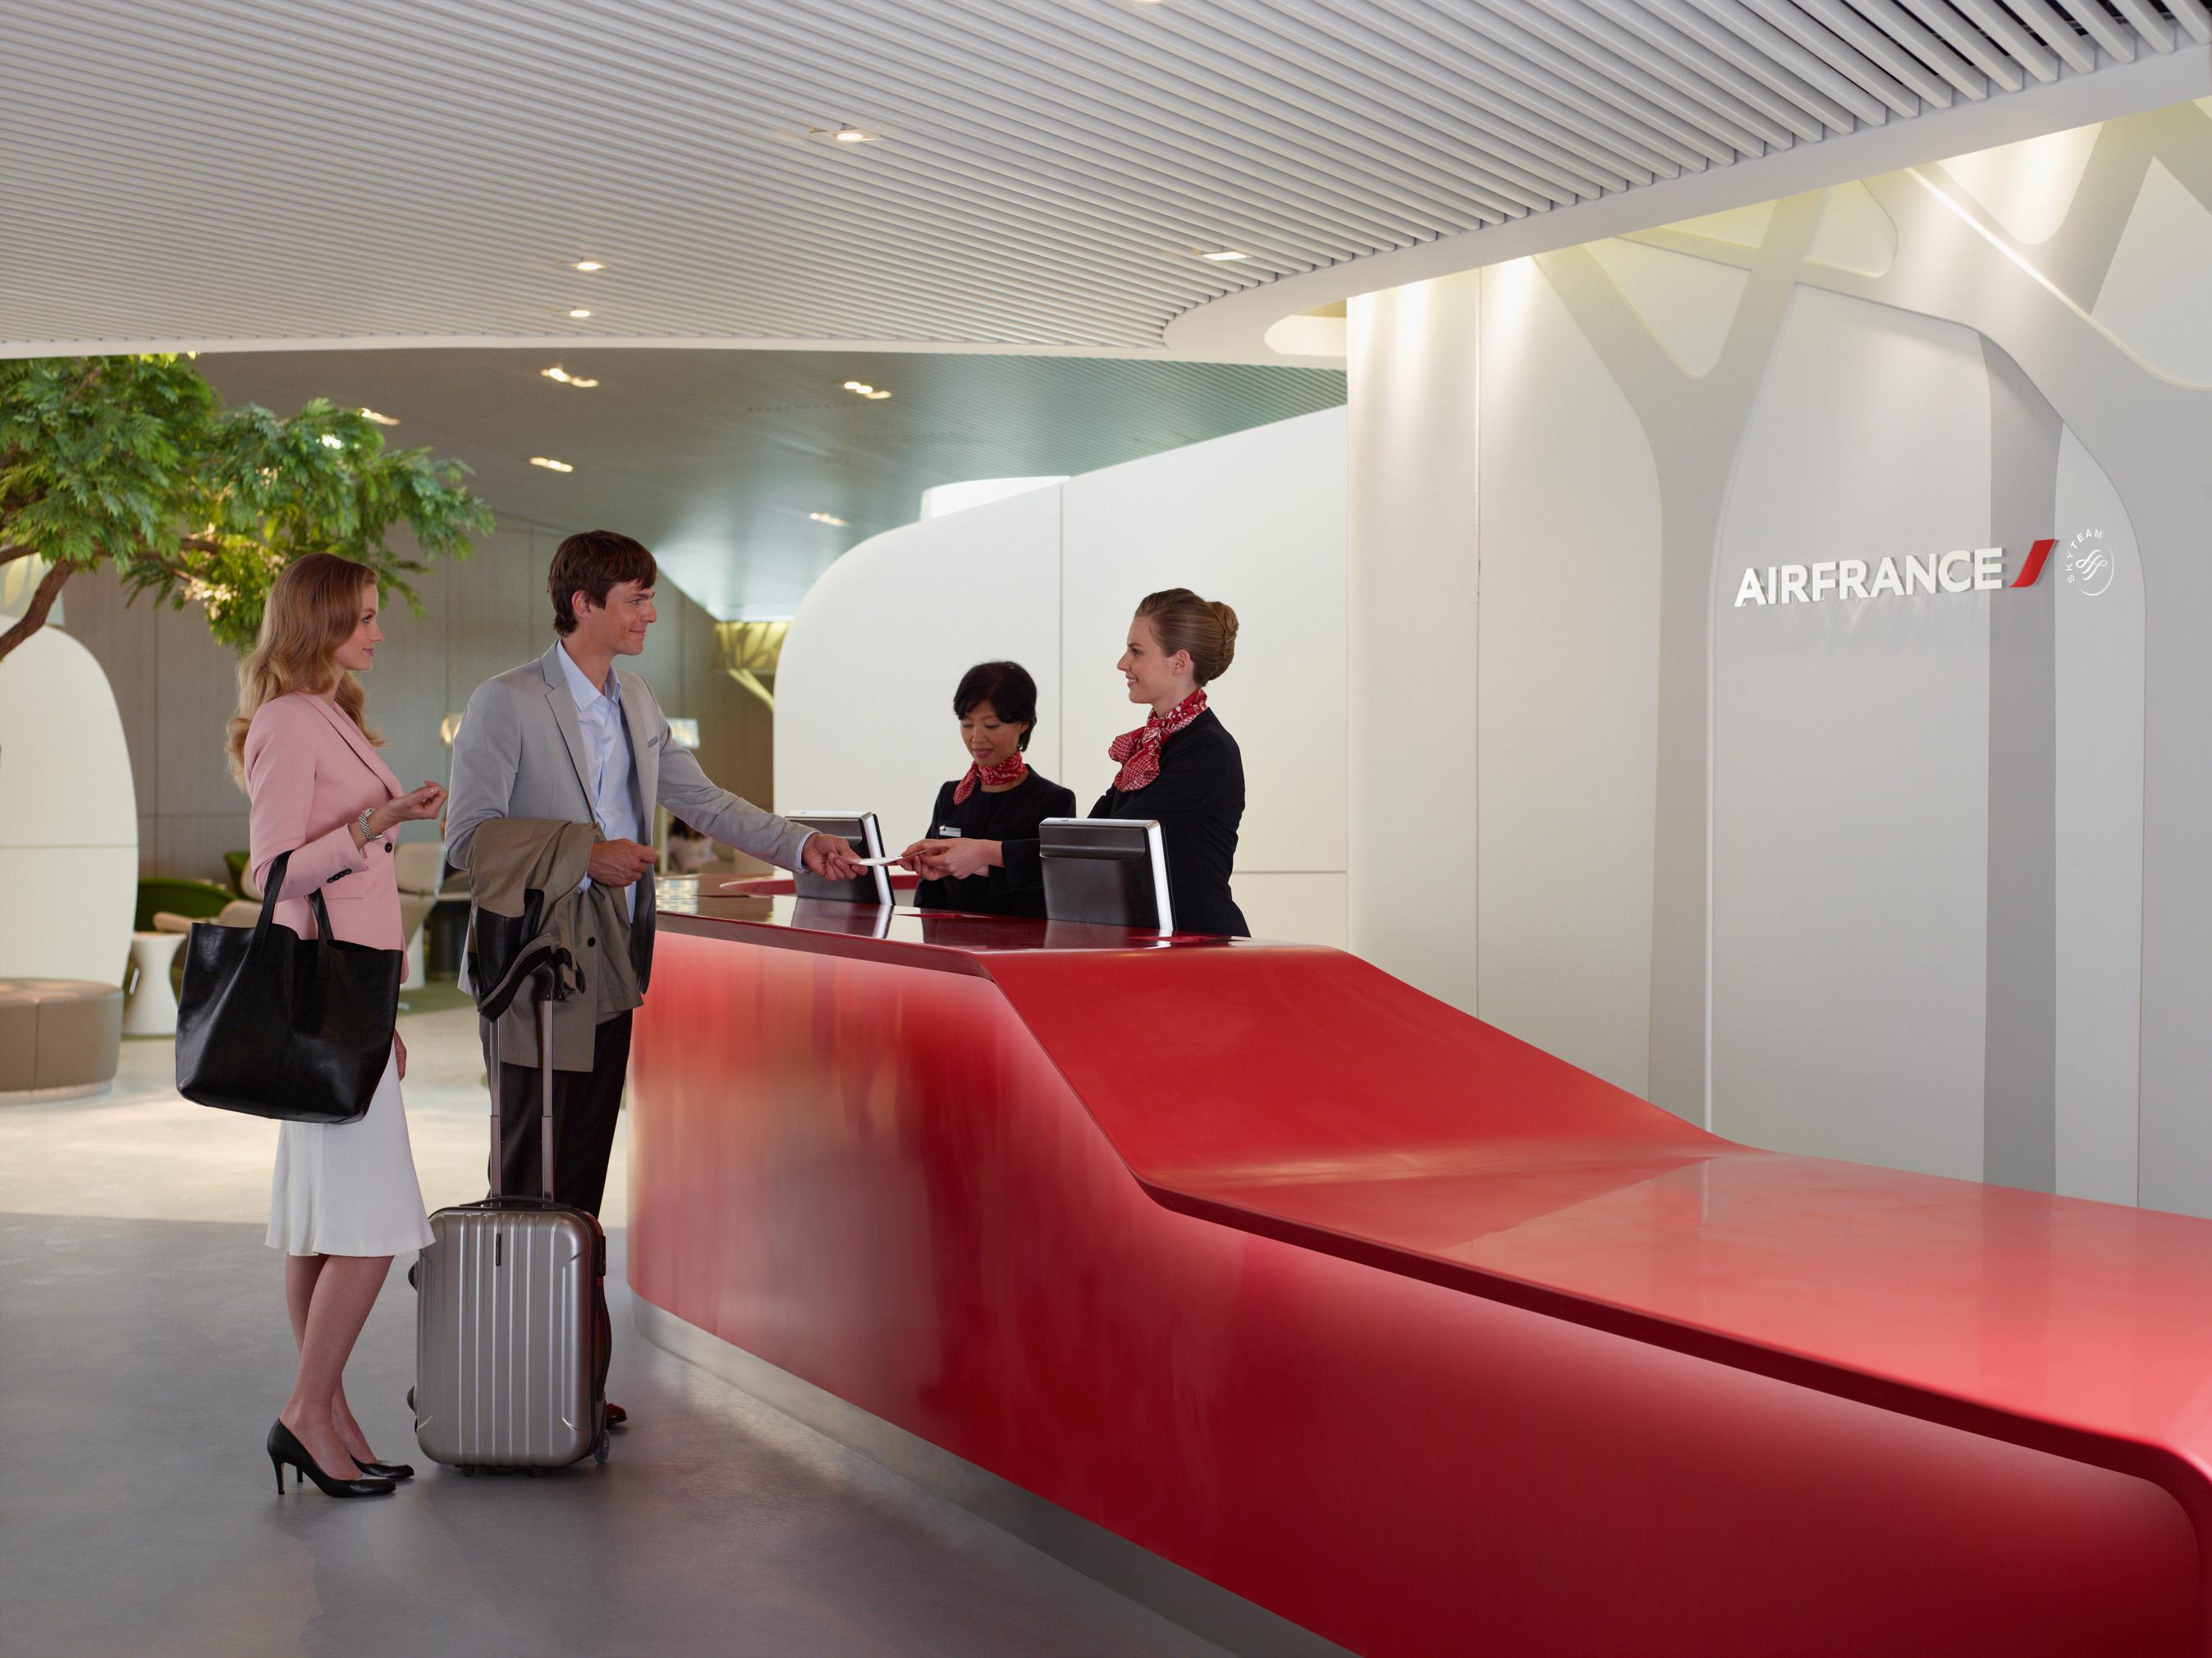 Visite du nouveau salon air france dans le s4 services for Salon air france terminal 2e